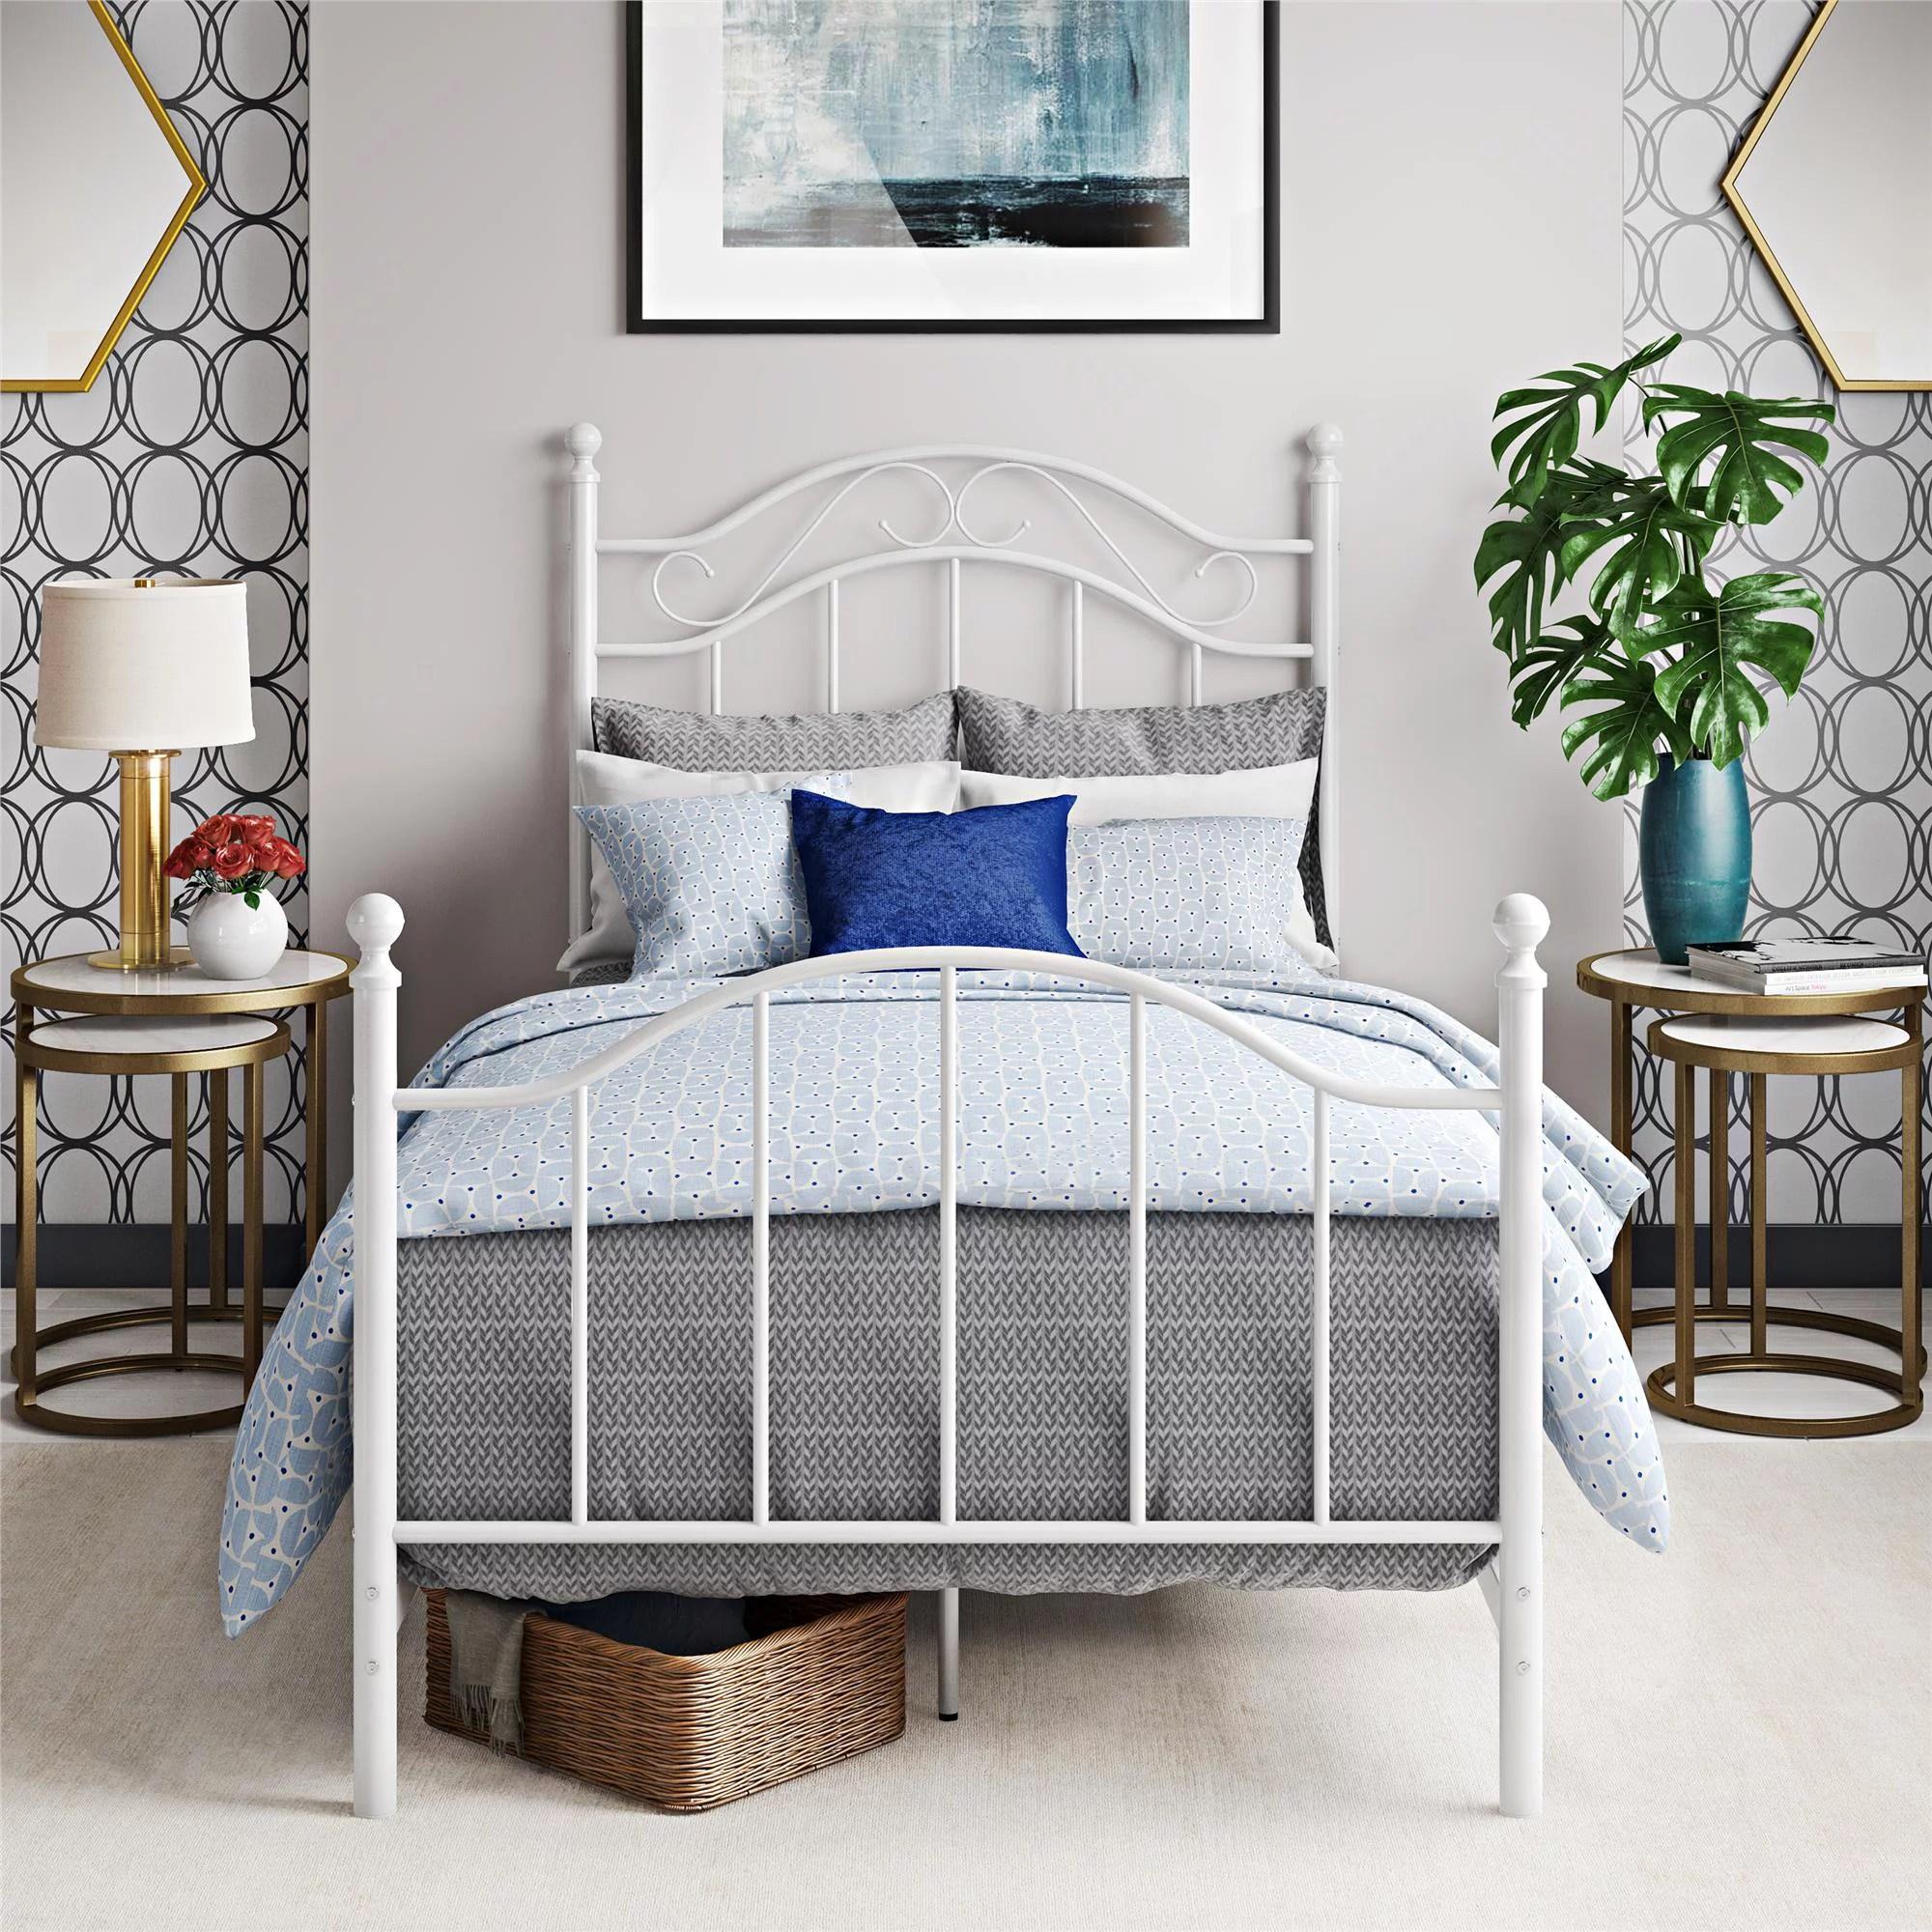 Frame Bed Twin Metal White Bedroom Kids Furniture Size Over Beds Girls Loft 65857165272 Ebay